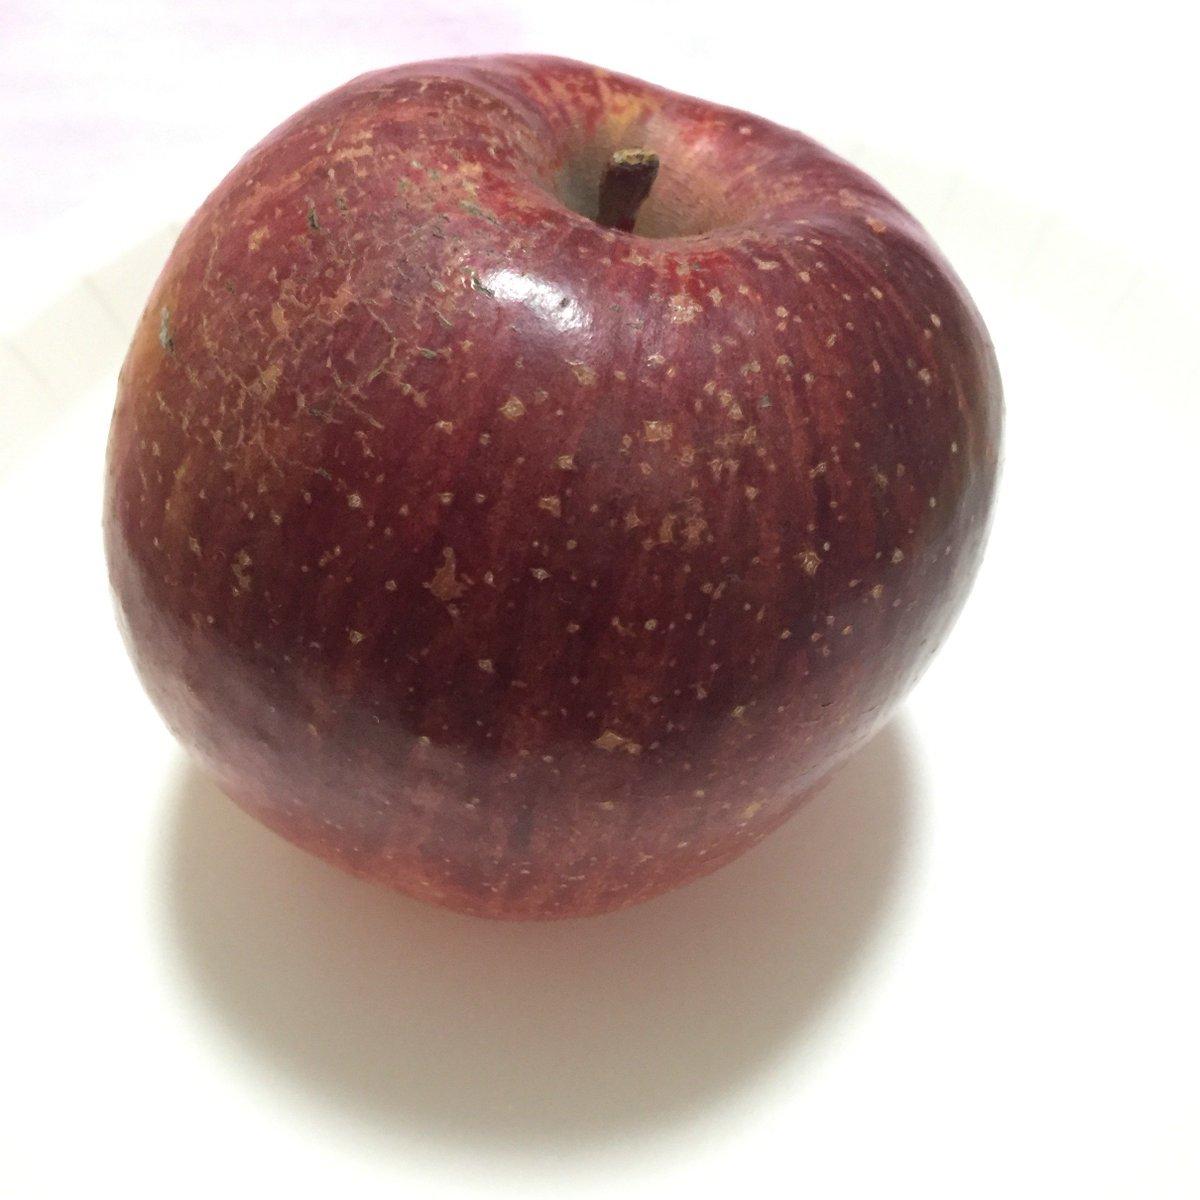 【富山のうんまいもん】★加積りんご★…富山県魚津市の加積地区で生産されるりんごです。ほとんどが農家さんの庭先で直売されて